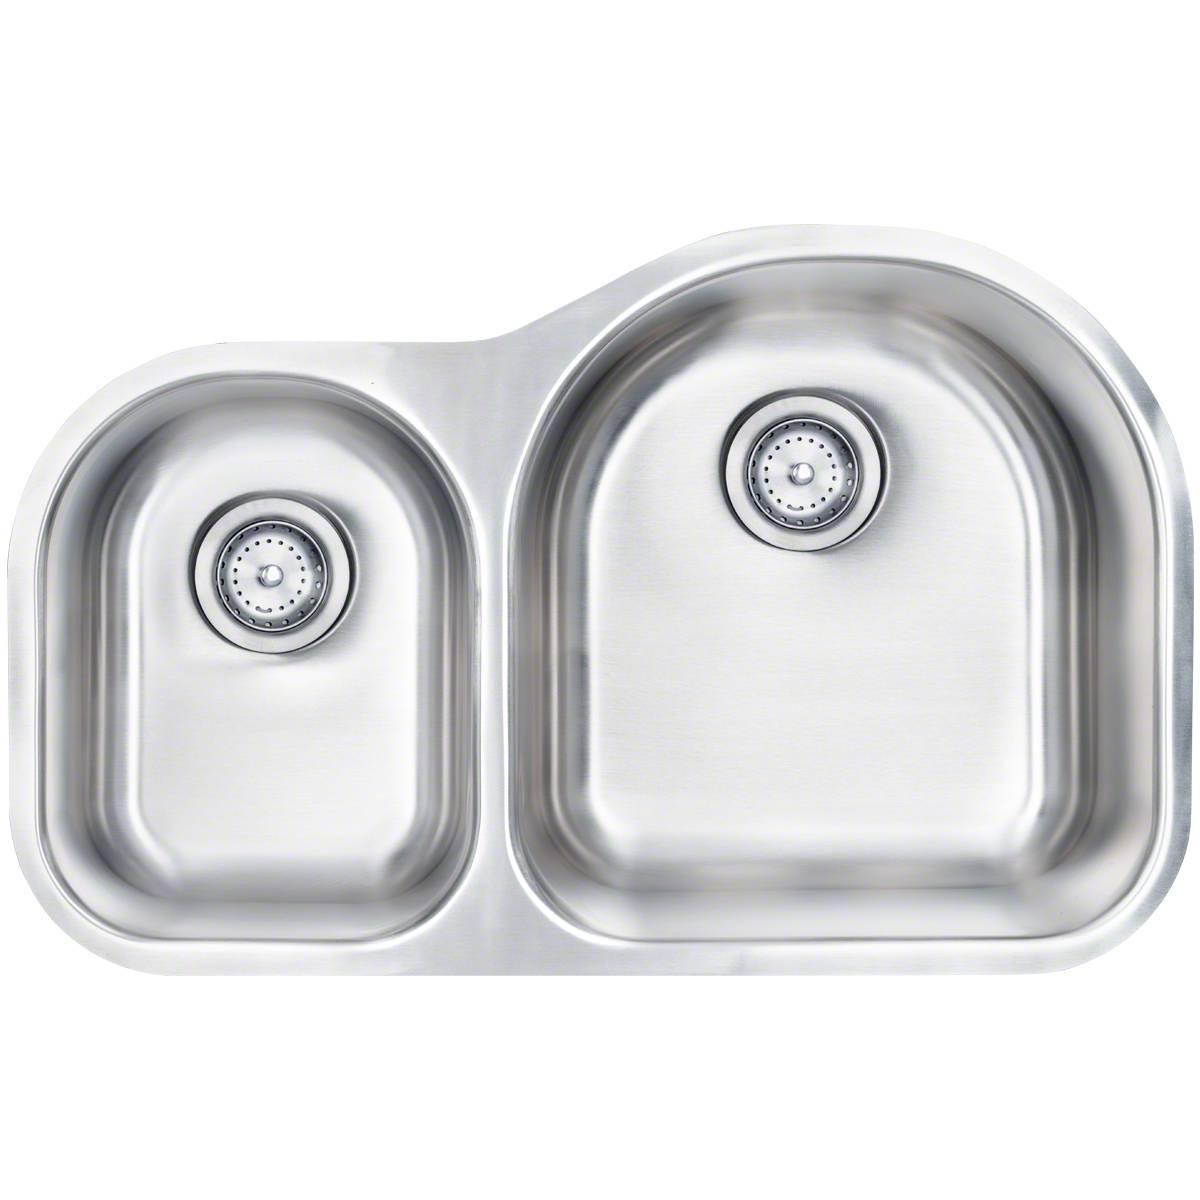 Sinks -ss-18-gau-double-bowl-40-60-3120-SIN-18-DBLBWL-4060-3120